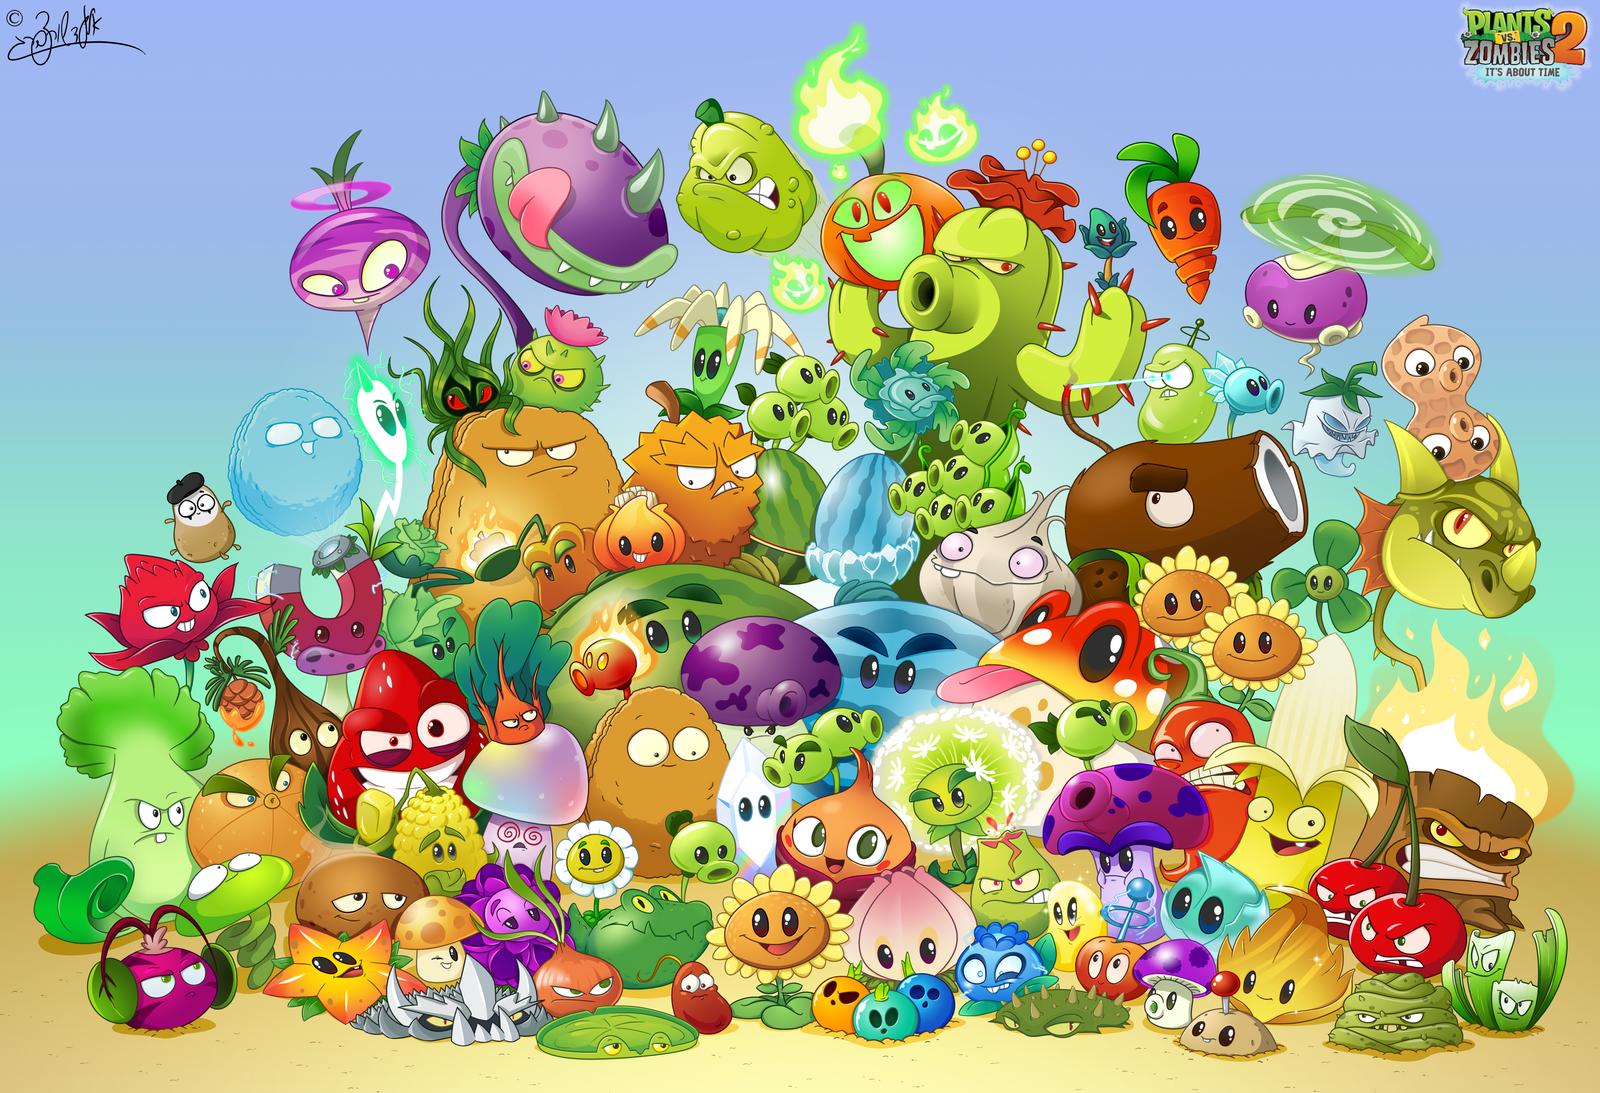 Plants Vs Zombies 2 - 2015 by elad3elad on DeviantArt